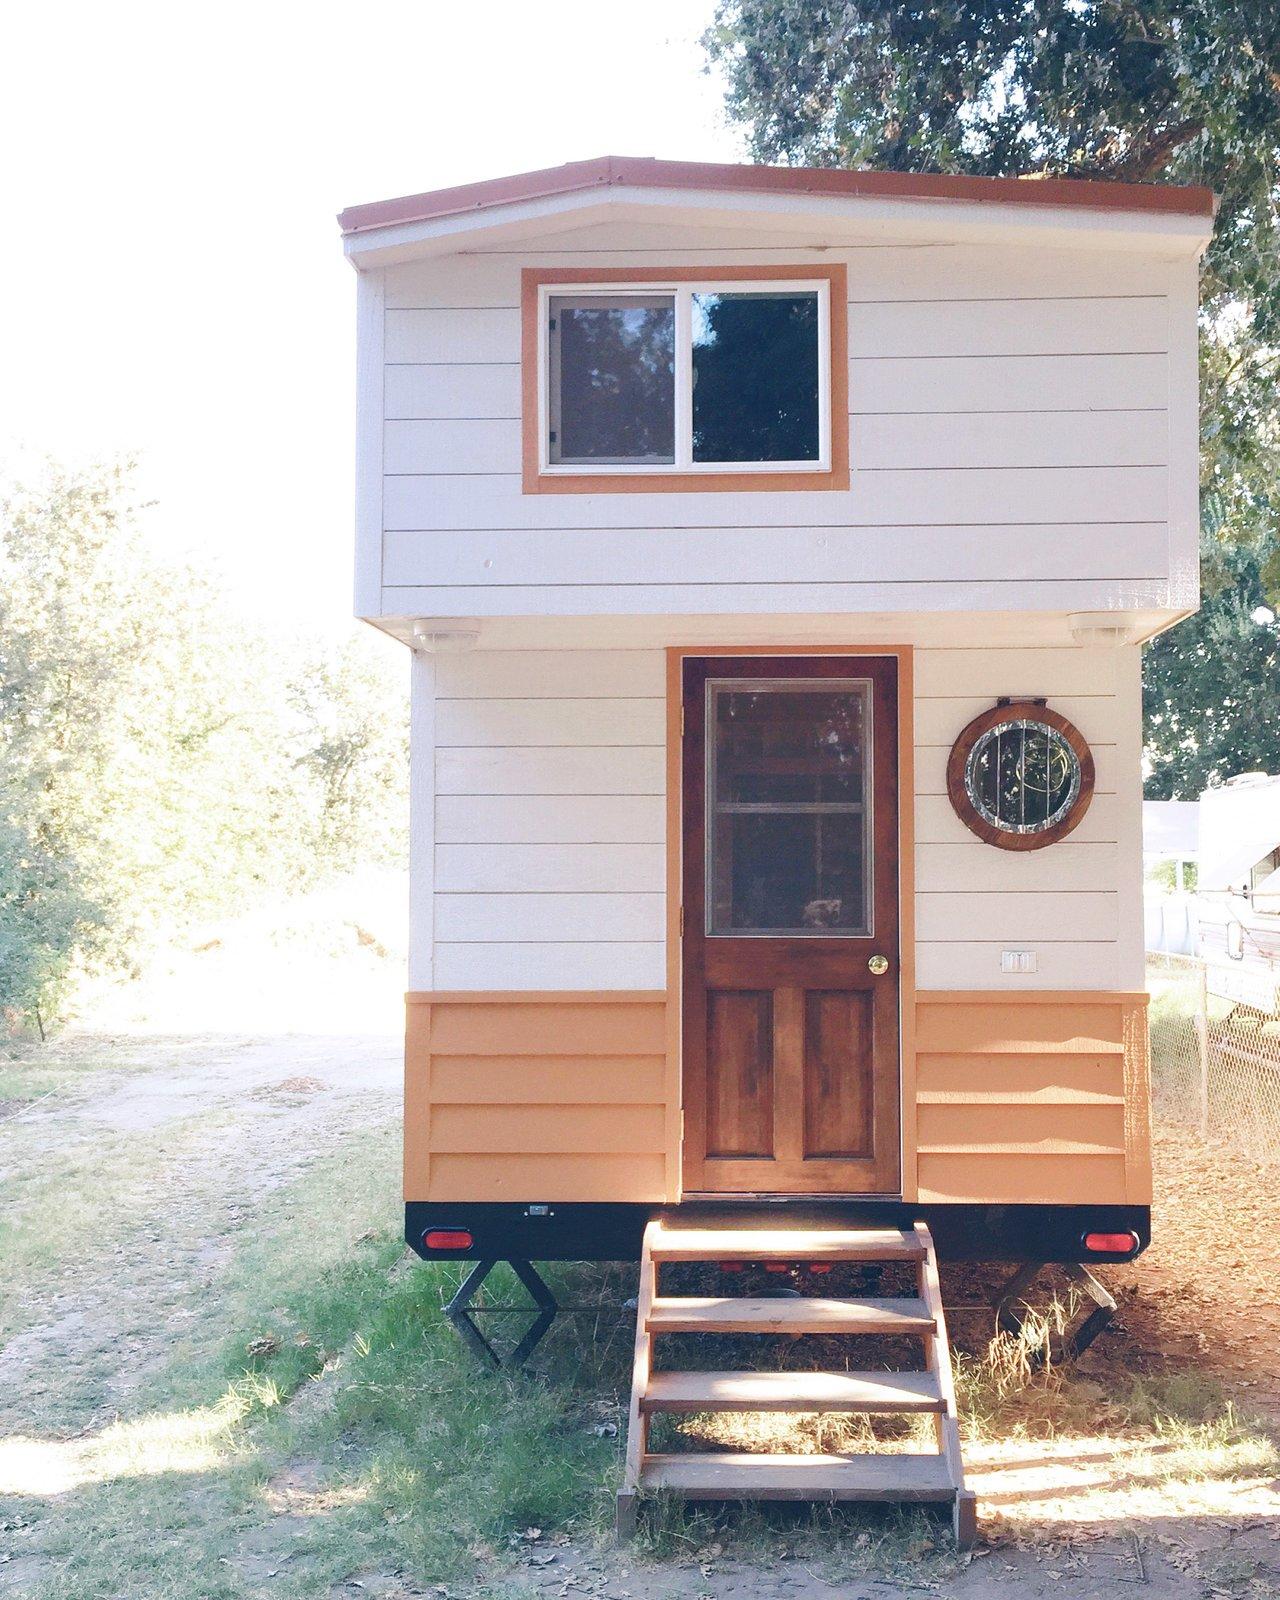 Her Tiny Home Shalina Kell exterior